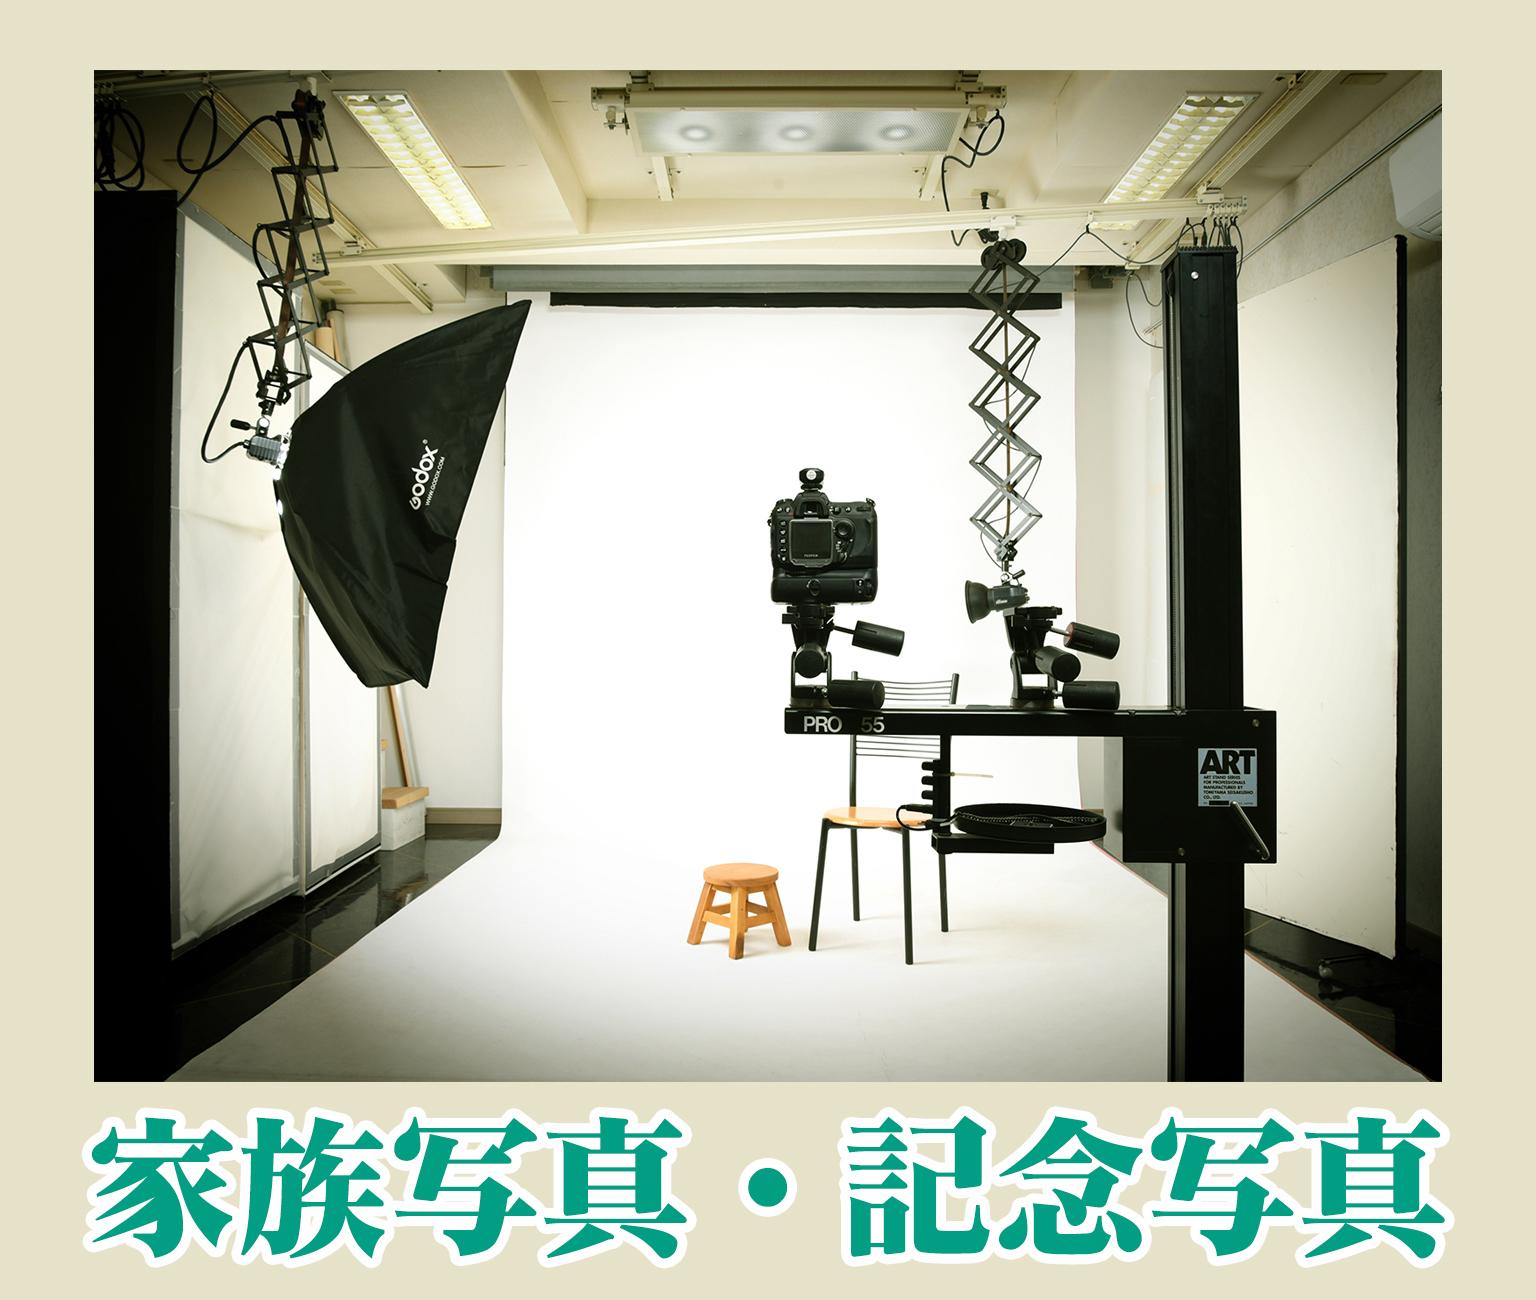 スタジオ_枠_txt